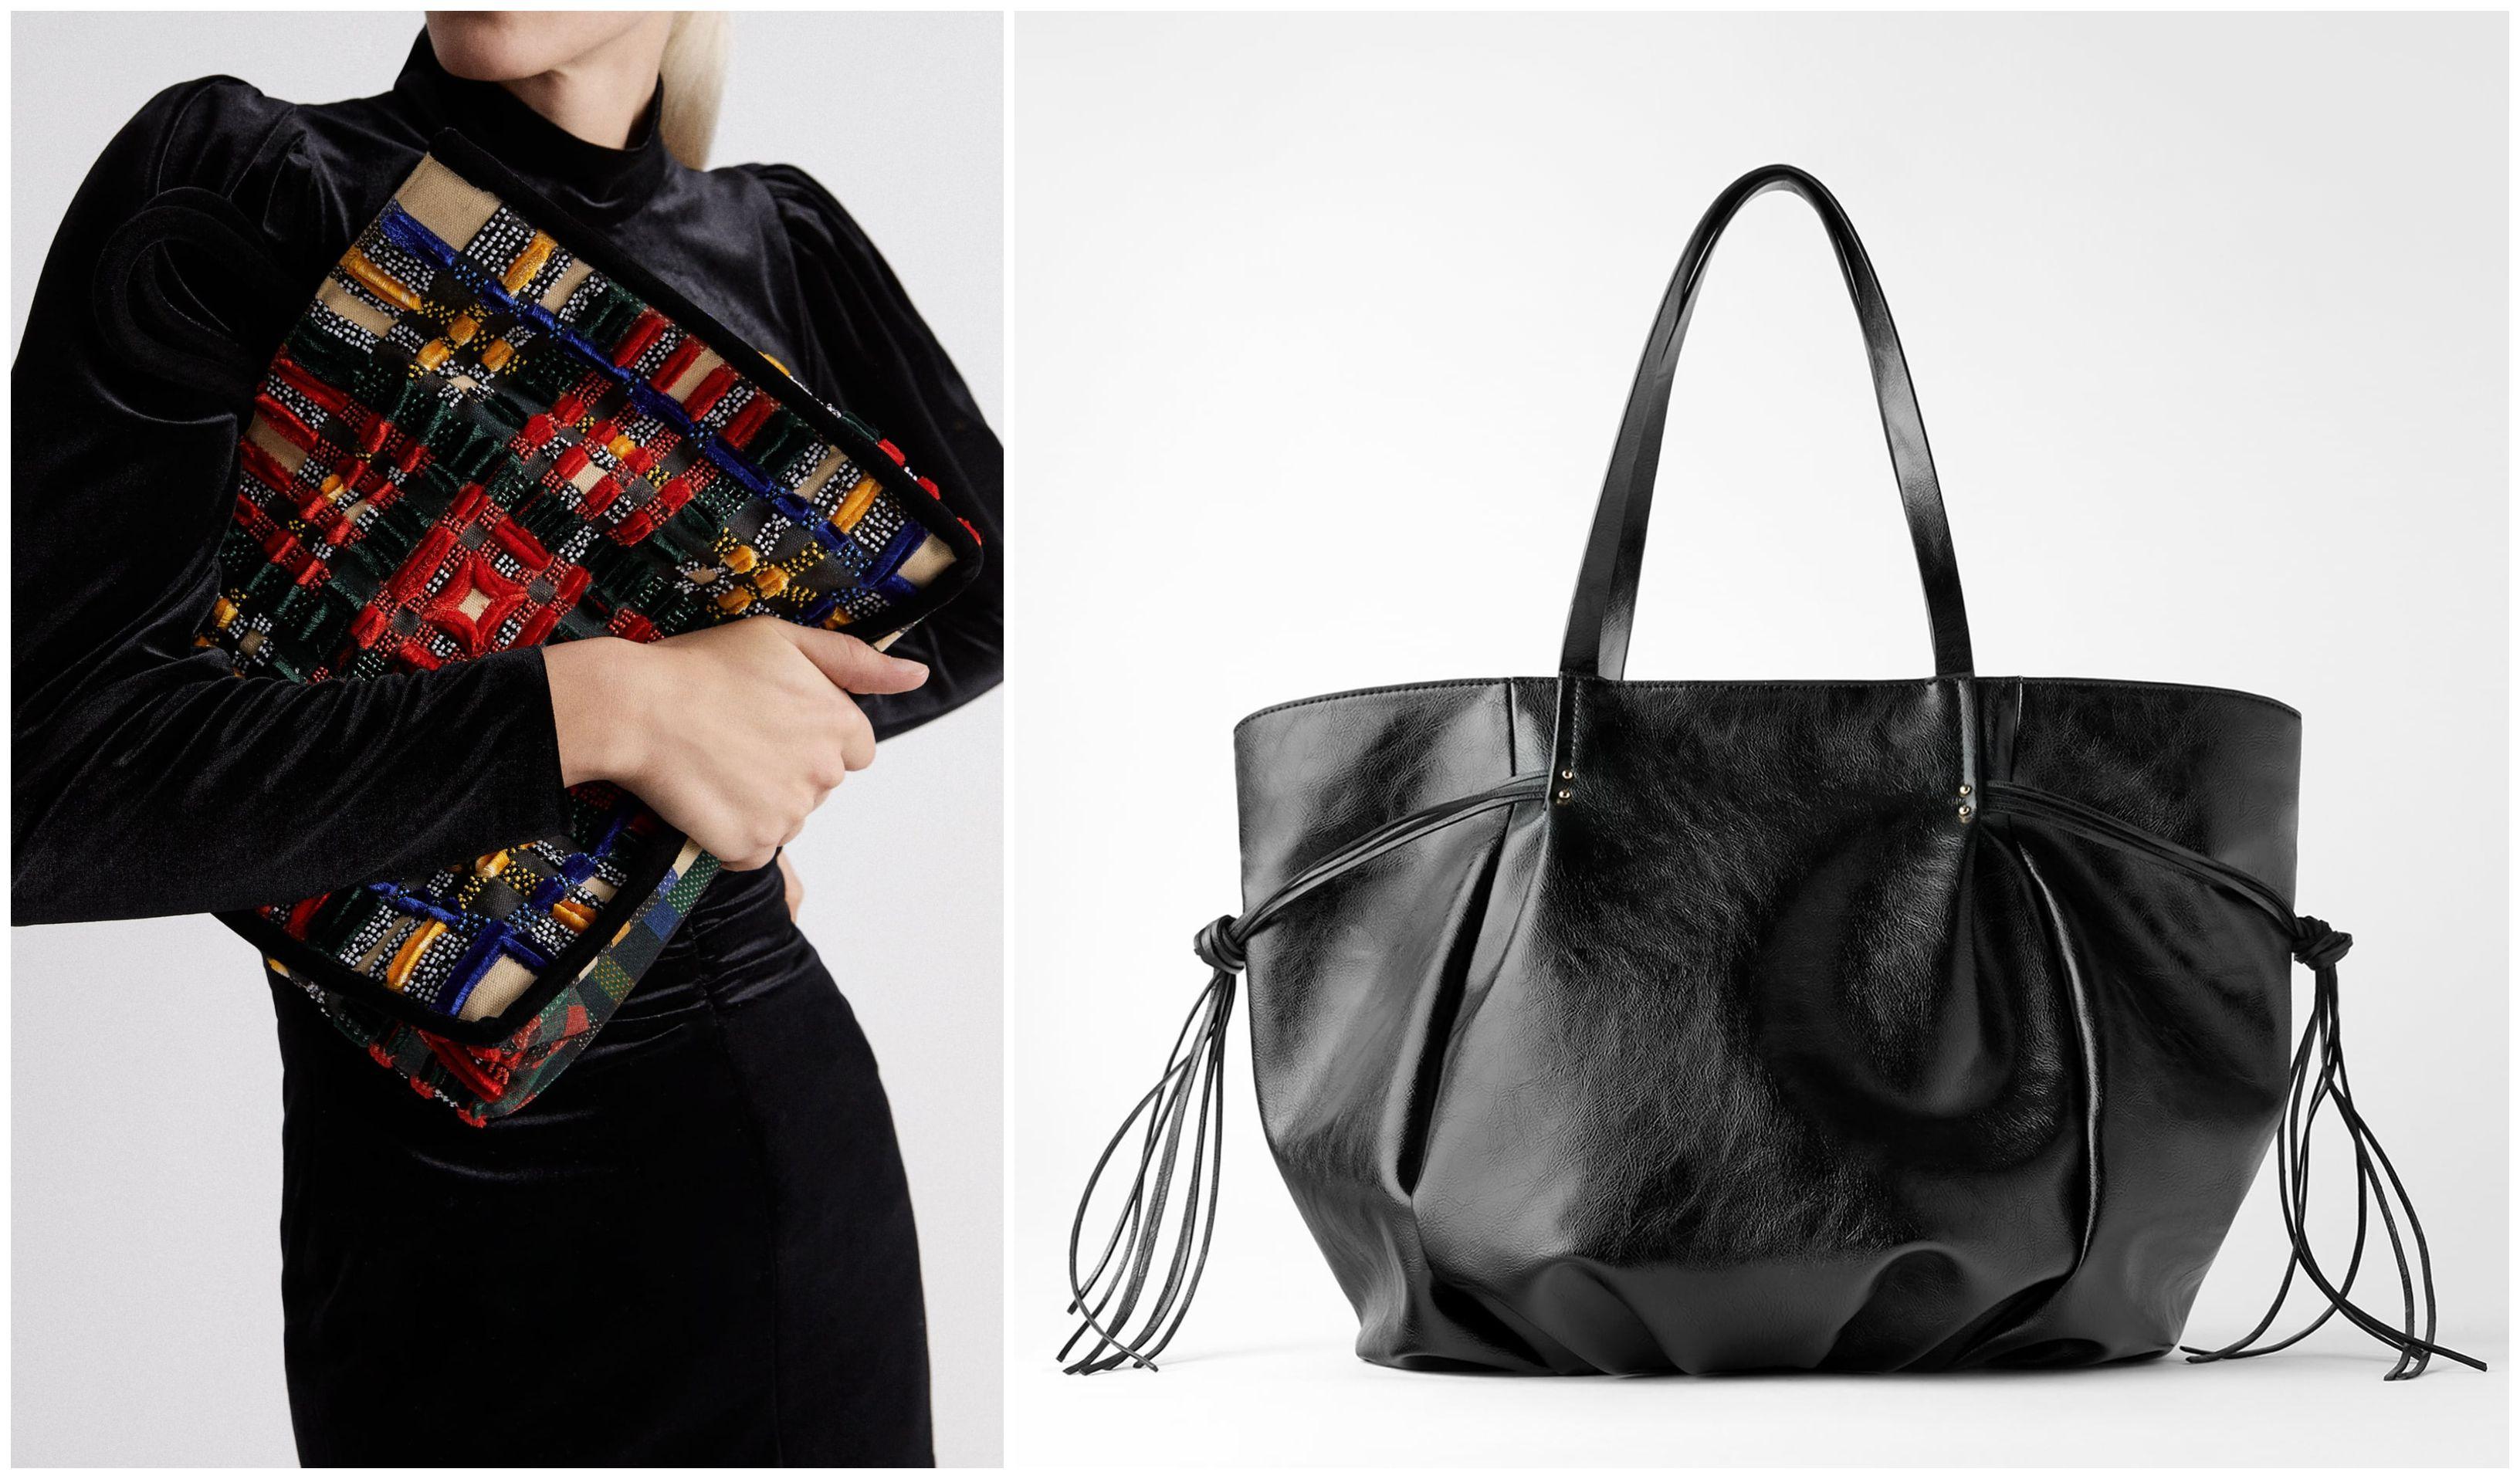 Doživjeli smo povratak velikih torbi: Ovih deset modela iz Zare najviše su nam se svidjeli